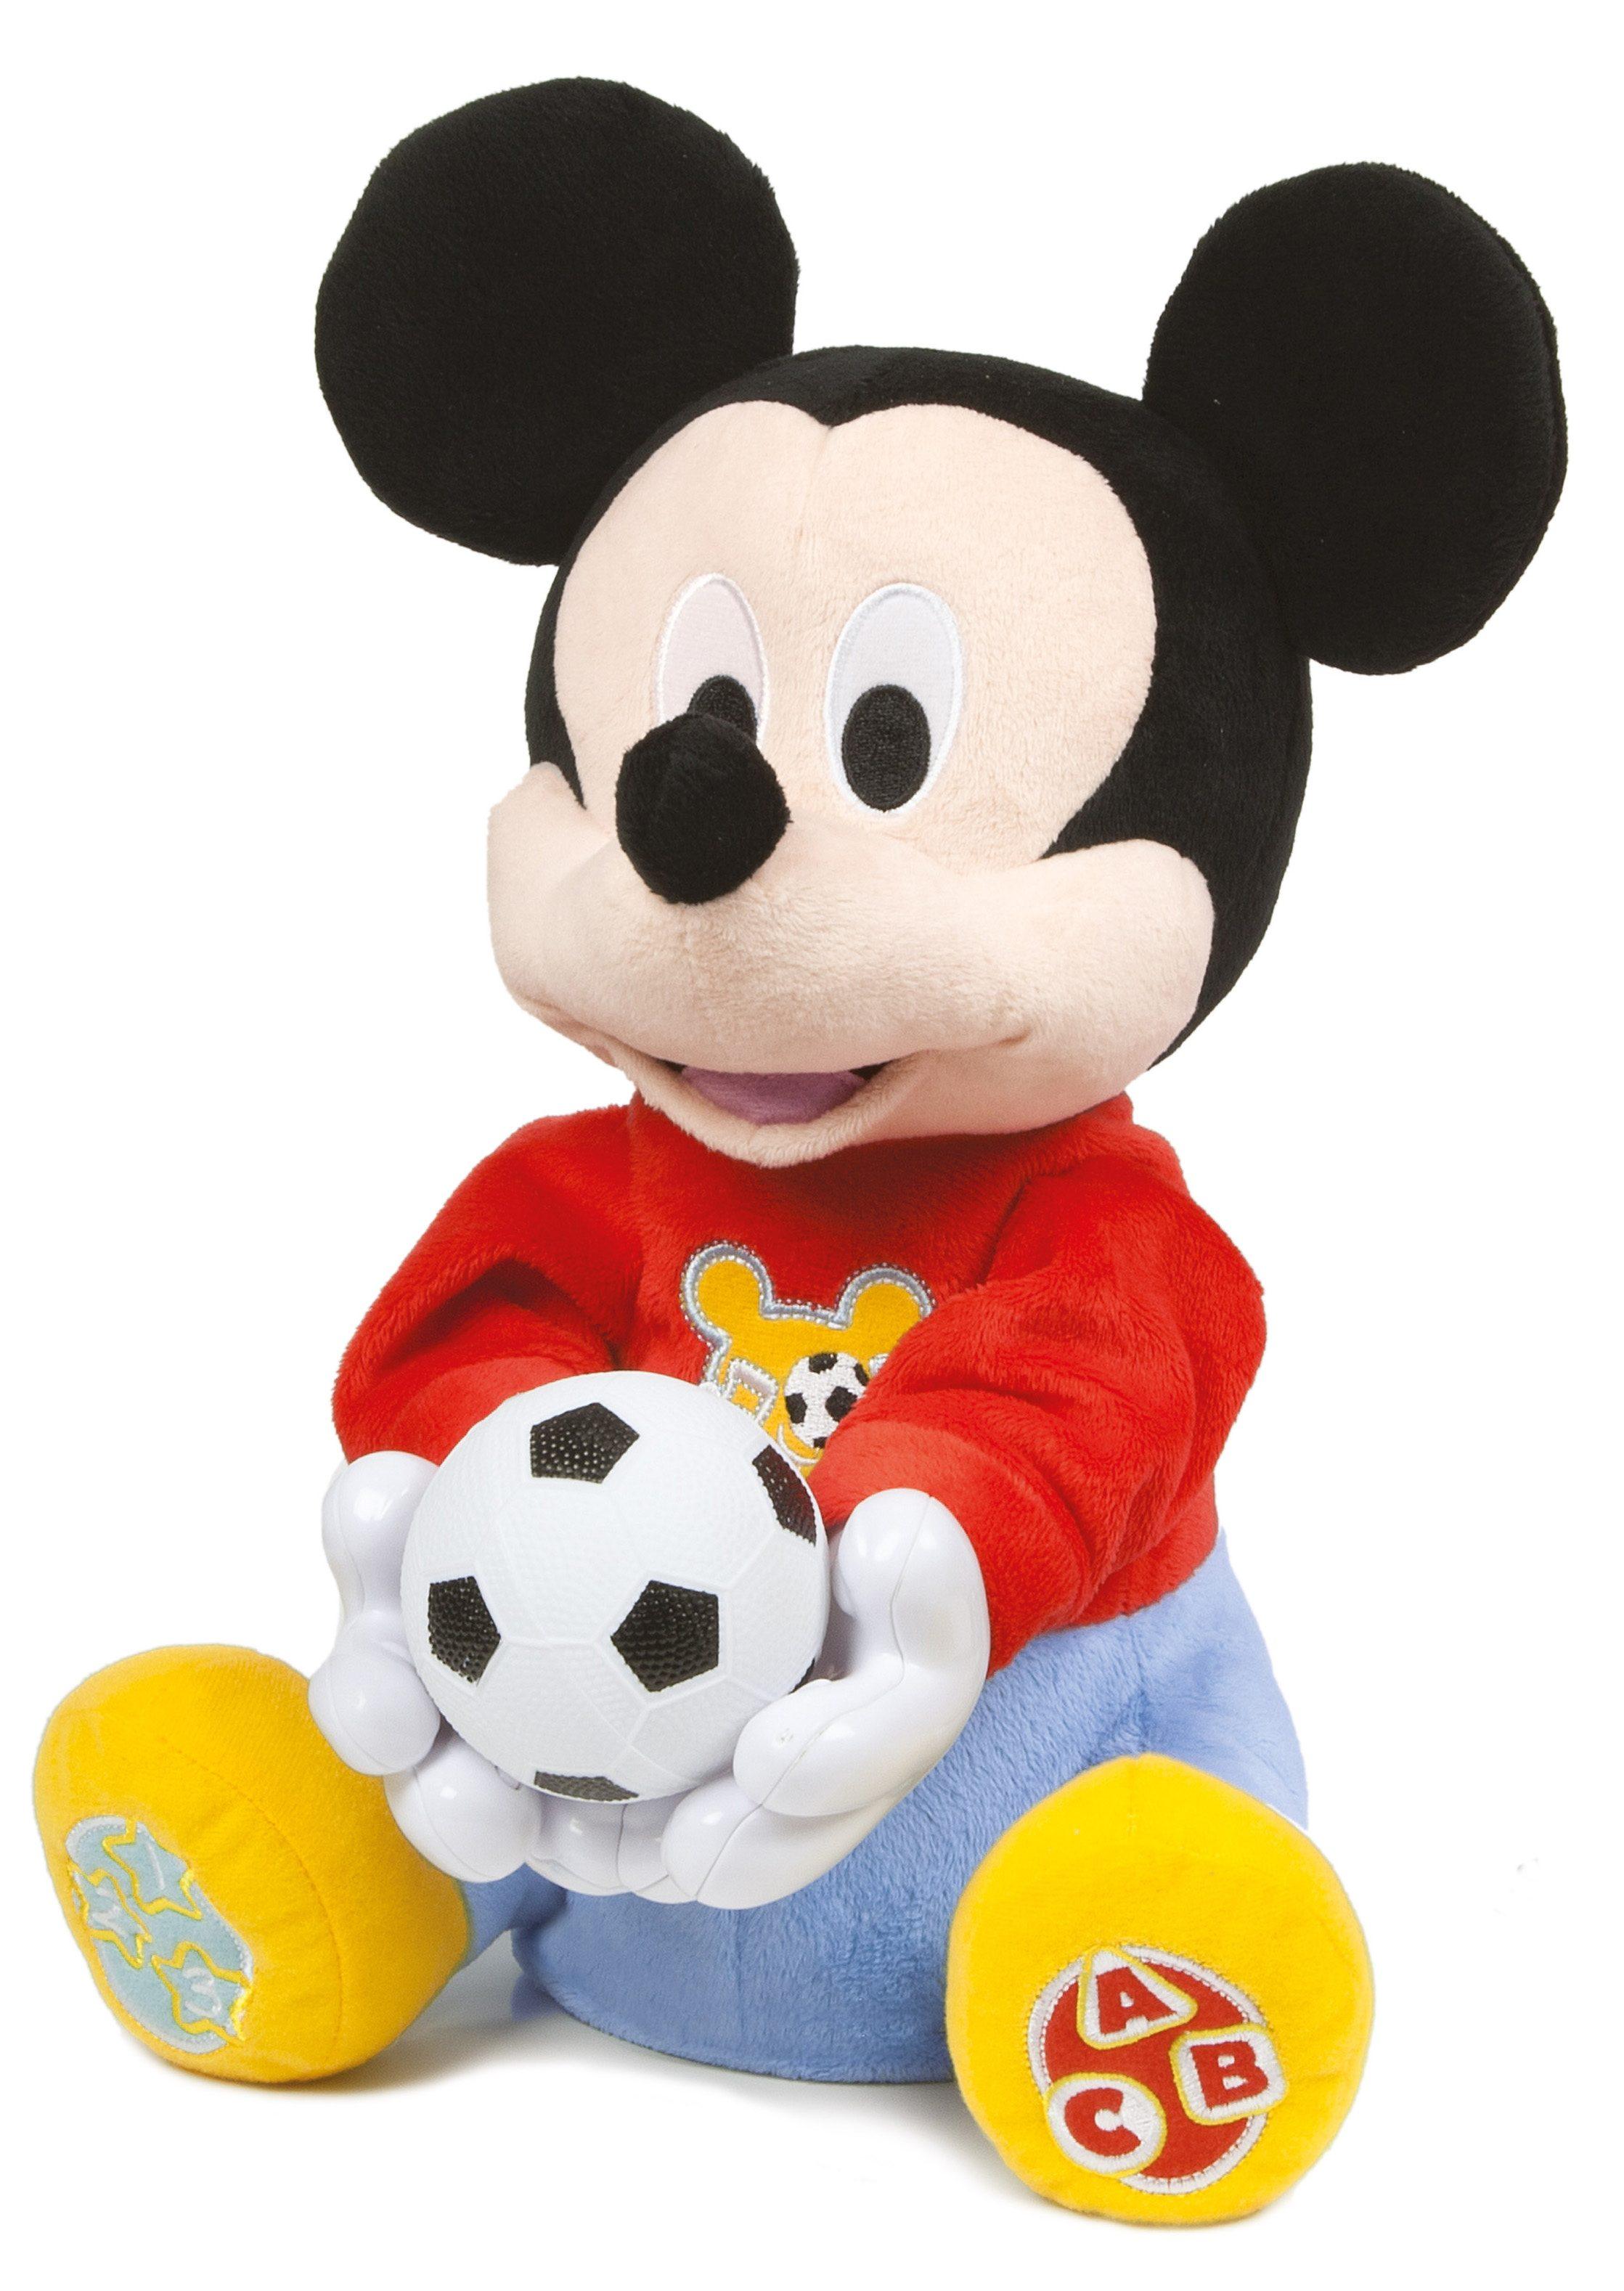 Clementoni Plüschfigur, »Baby Mickey Ballwerfer«